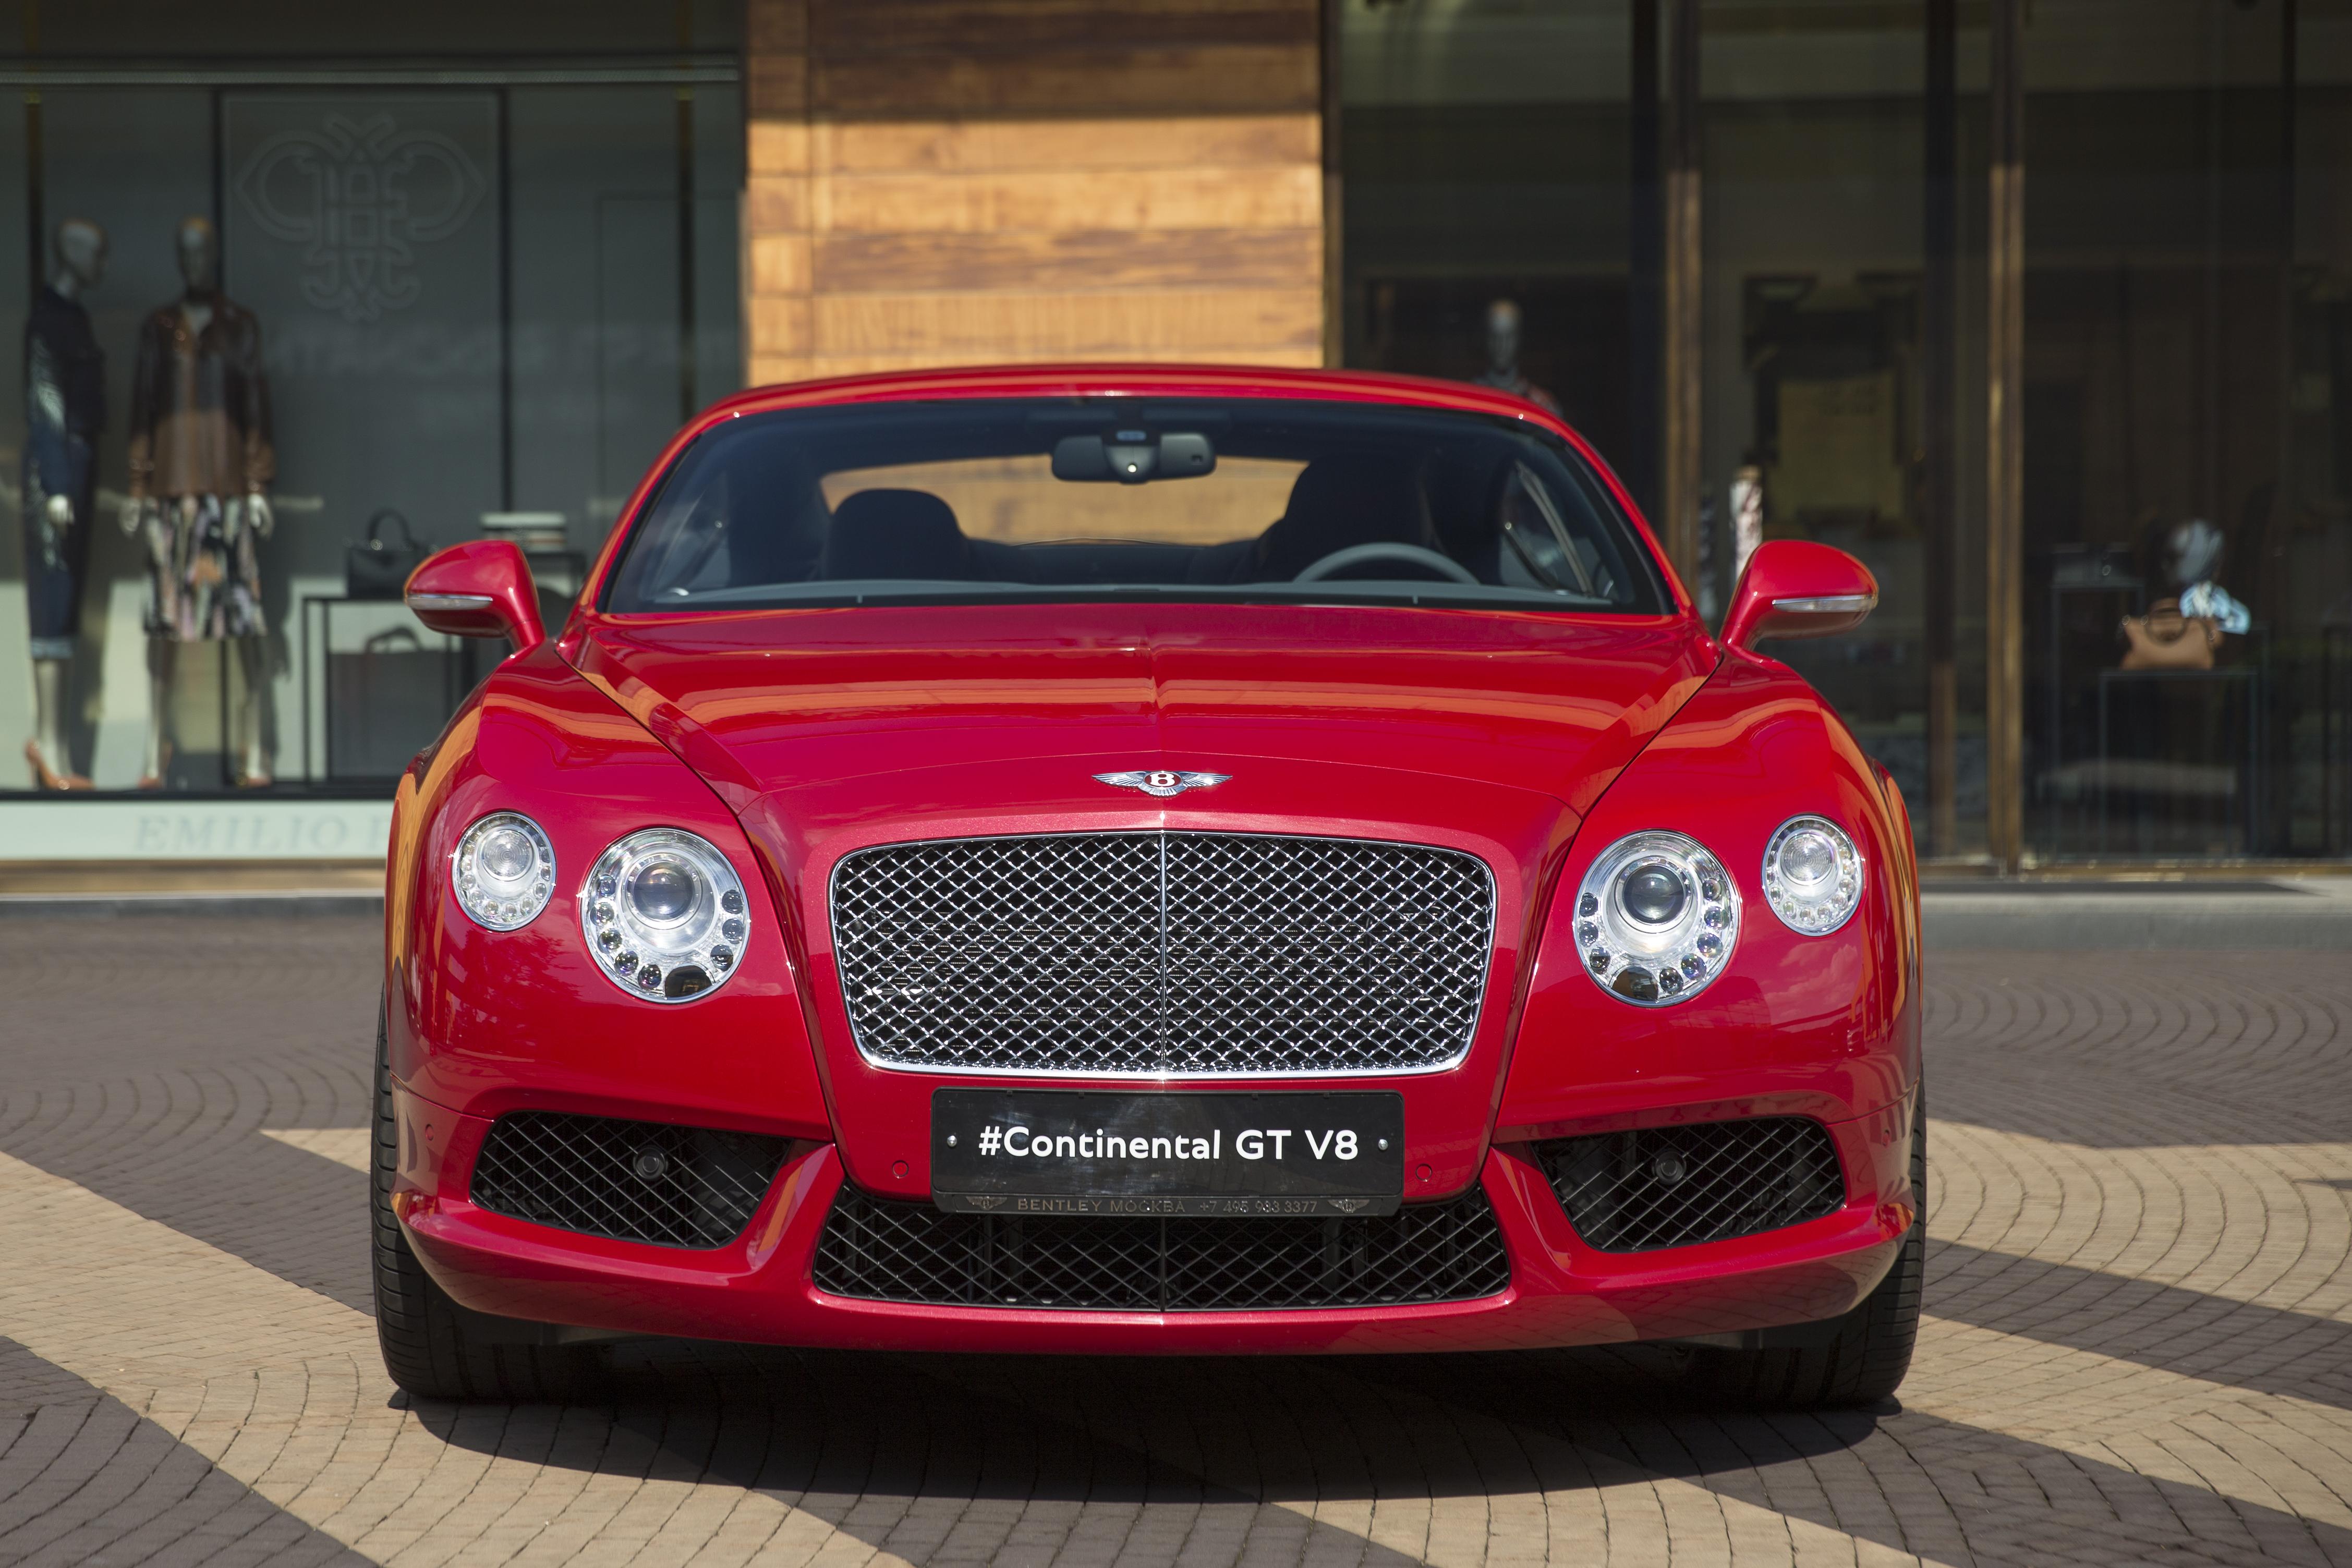 ВРЕМЯ ВЫБИРАТЬ BENTLEY! НОВЫЙ CONTINENTAL GT ОТ 11 900 000 РУБ. - изображение NICK1614 на Bentleymoscow.ru!